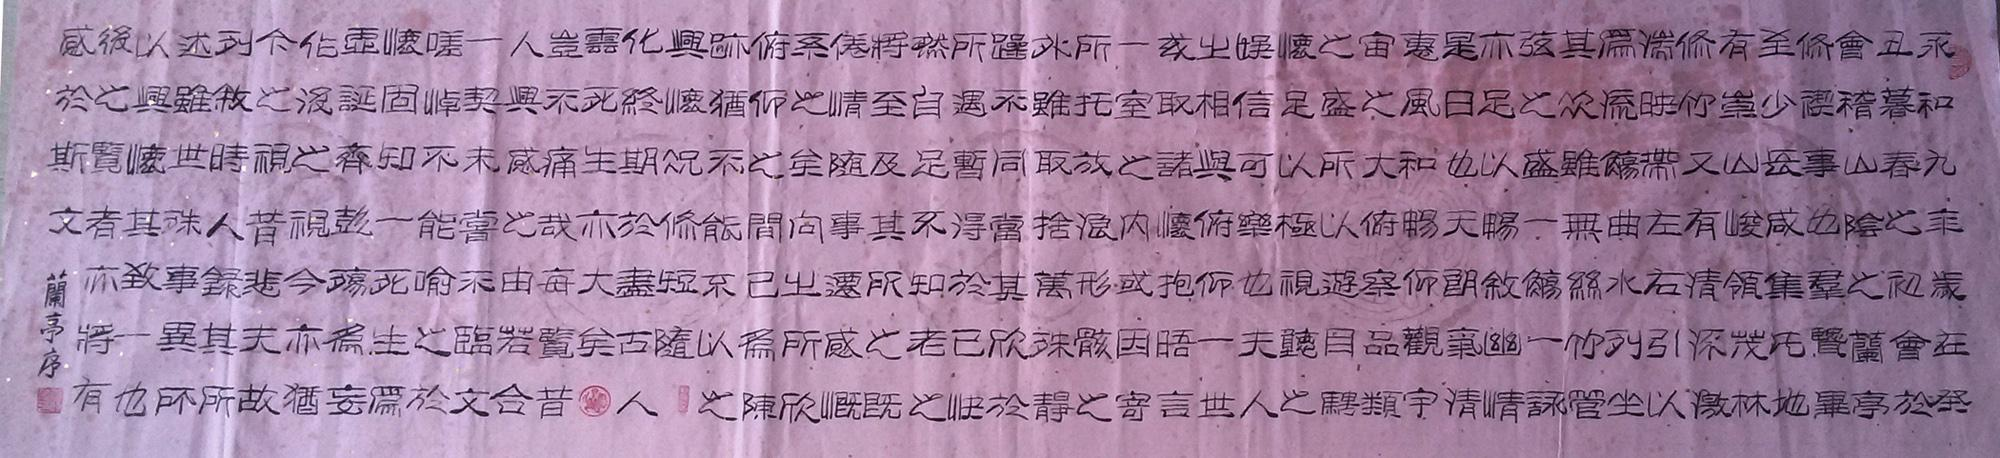 隶书横式书法兰亭序图片